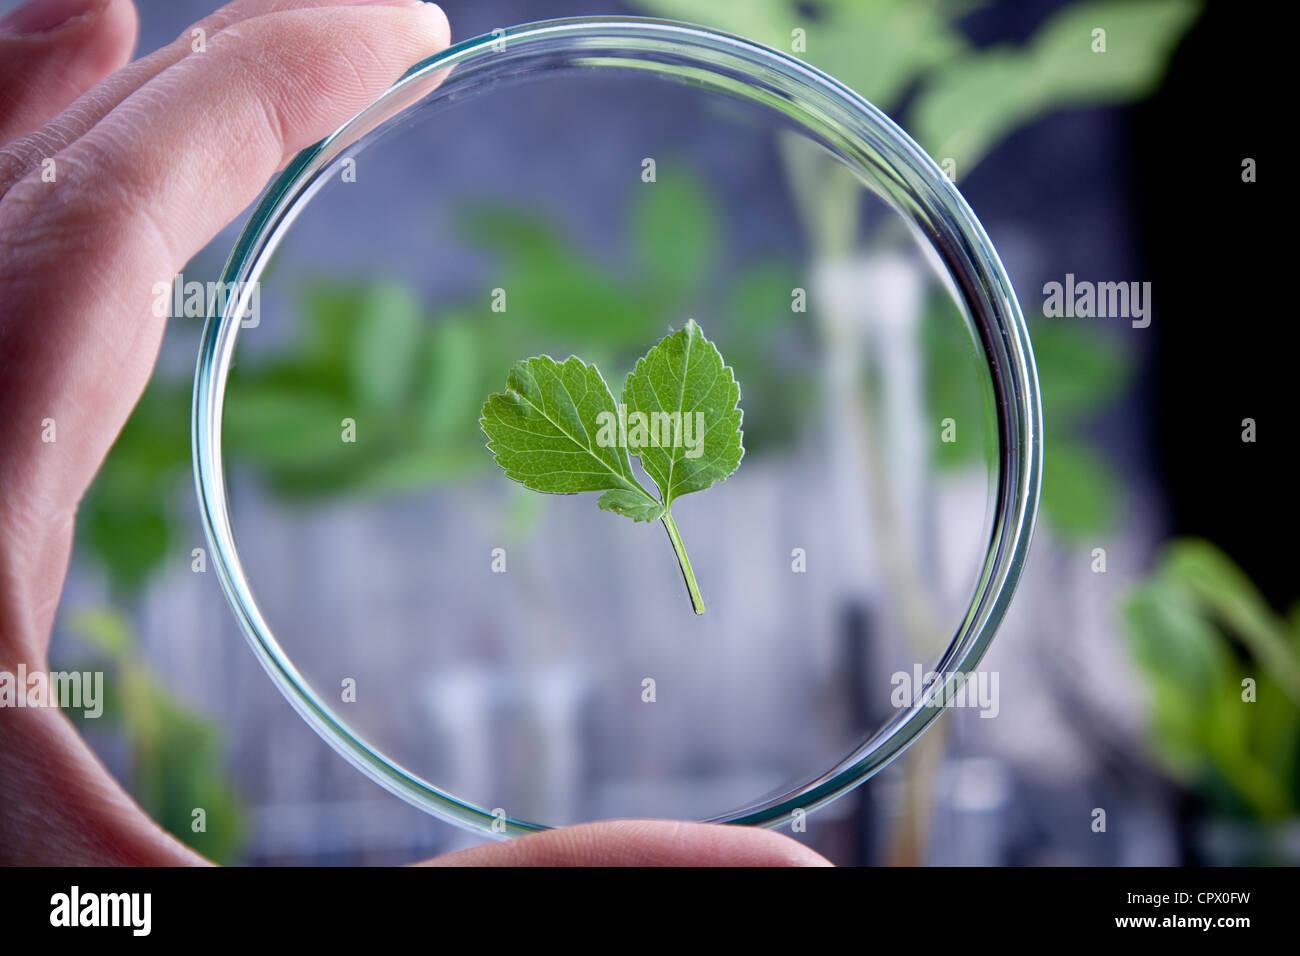 El material de vidrio de laboratorio, experimentos sobre plantas Imagen De Stock